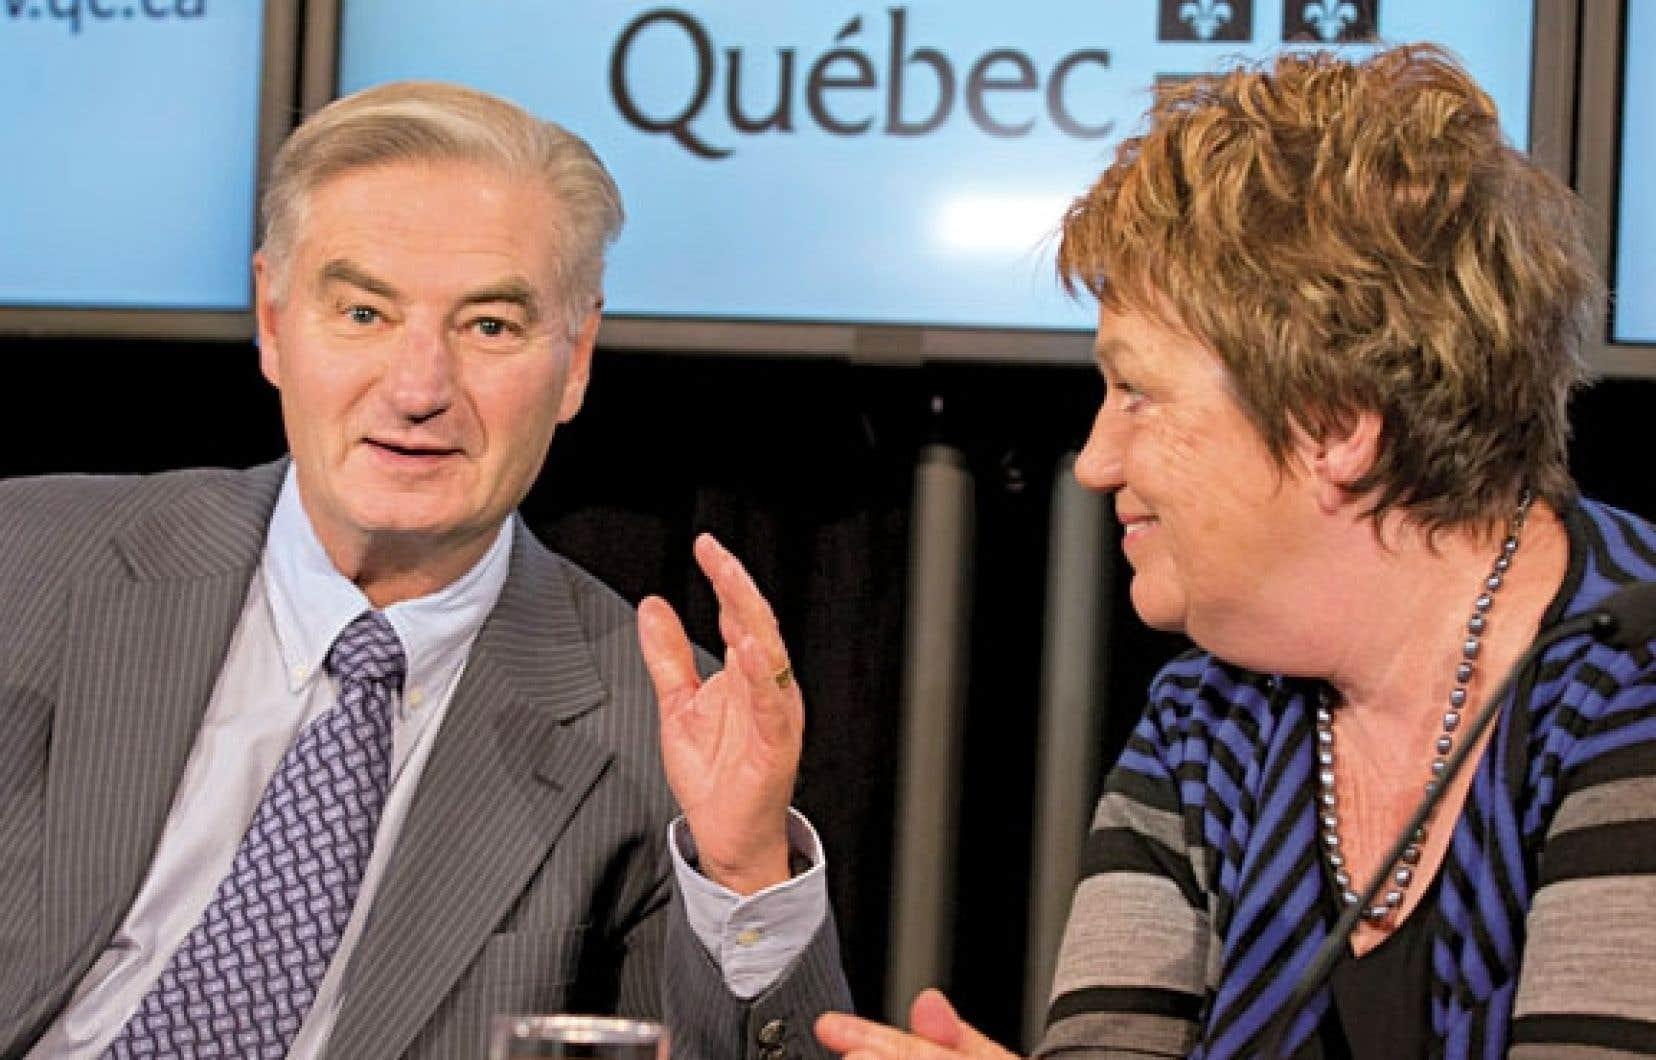 Le président de la Commission spéciale d'examen des événements du printemps 2012, Serge Ménard, aux côtés de la commissaire Claudette Carbonneau